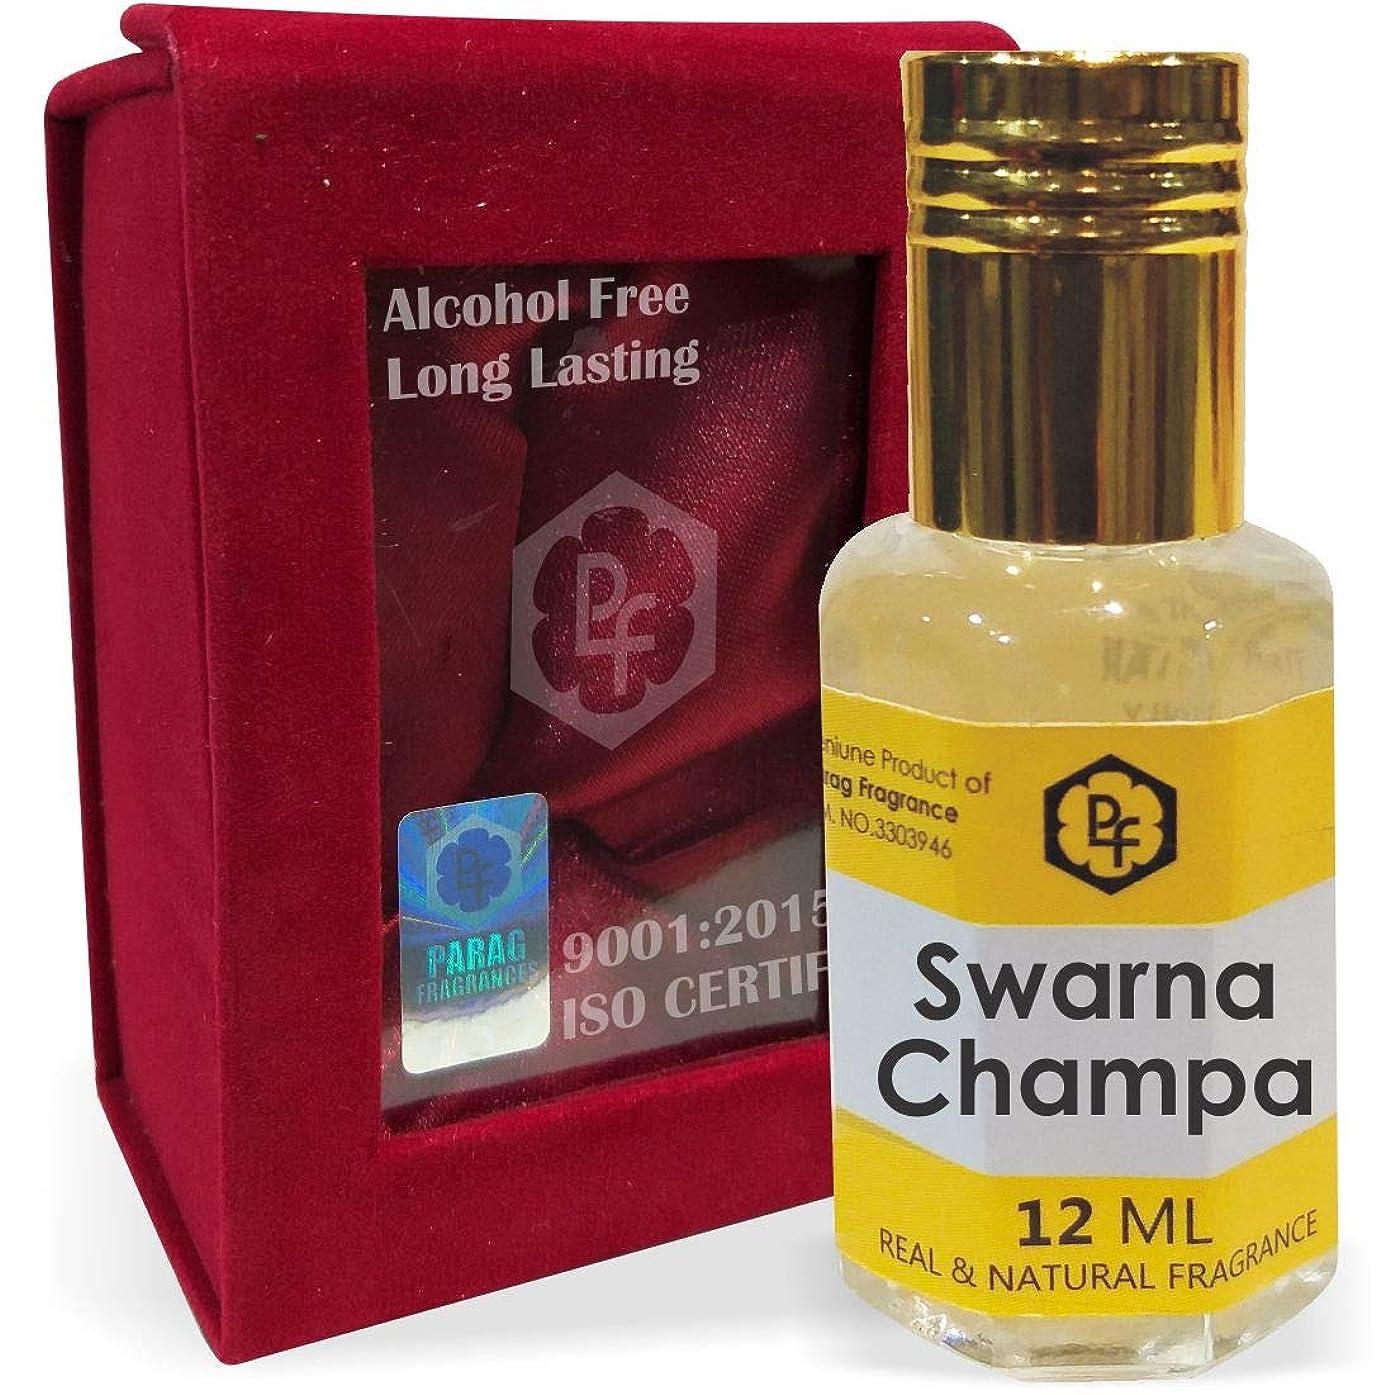 不忠アーカイブ冒険者手作りのベルベットボックスParagフレグランスSwarnaチャンパ12ミリリットルアター/香油/(インドの伝統的なBhapka処理方法により、インド製)フレグランスオイル アターITRA最高の品質長持ち